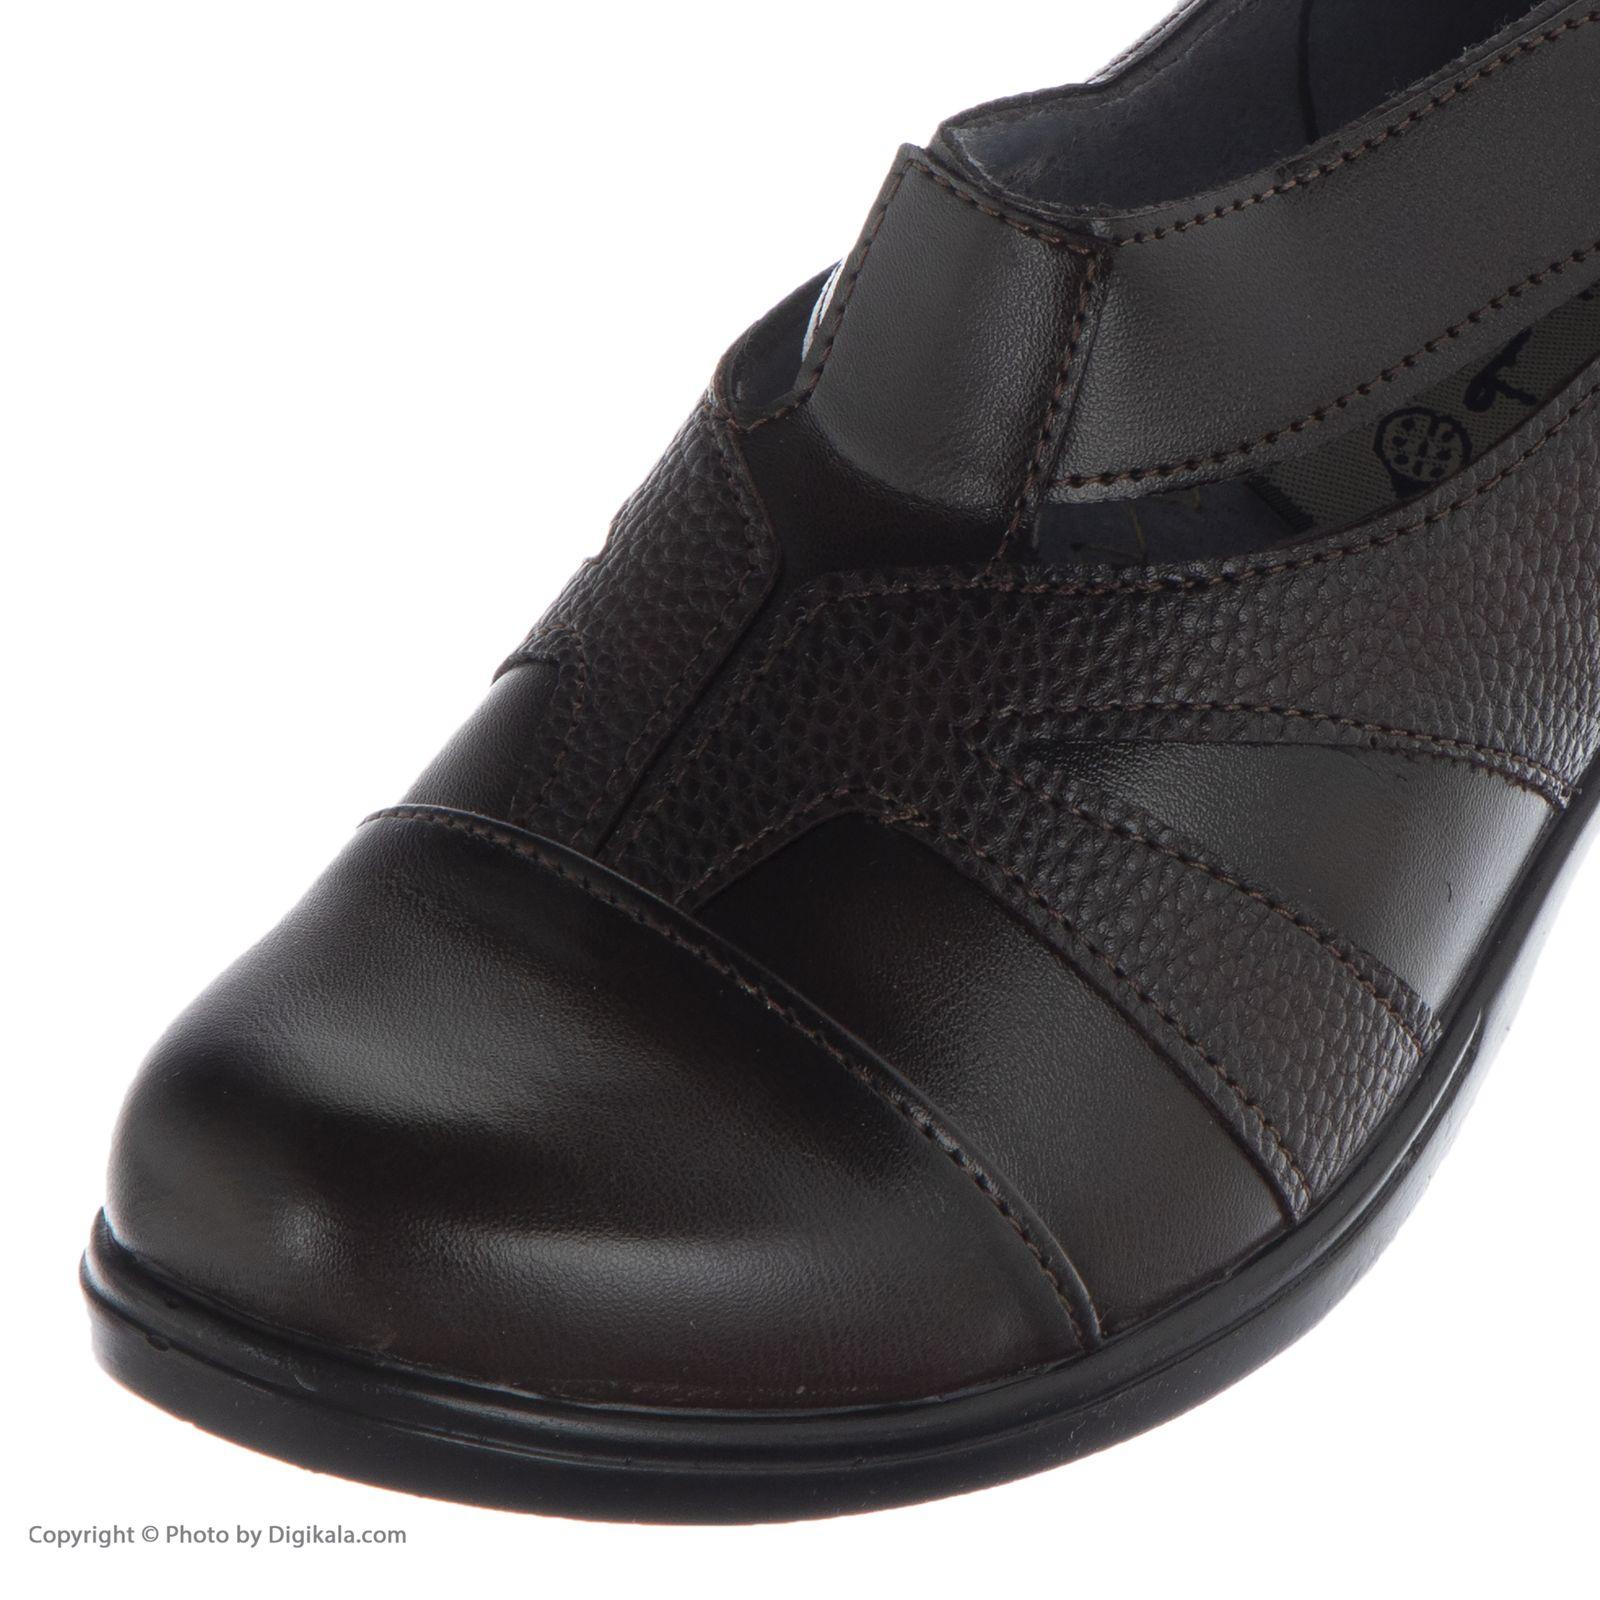 کفش زنانه طبی سینا مدل رها  کد 2 رنگ قهوه ای main 1 4